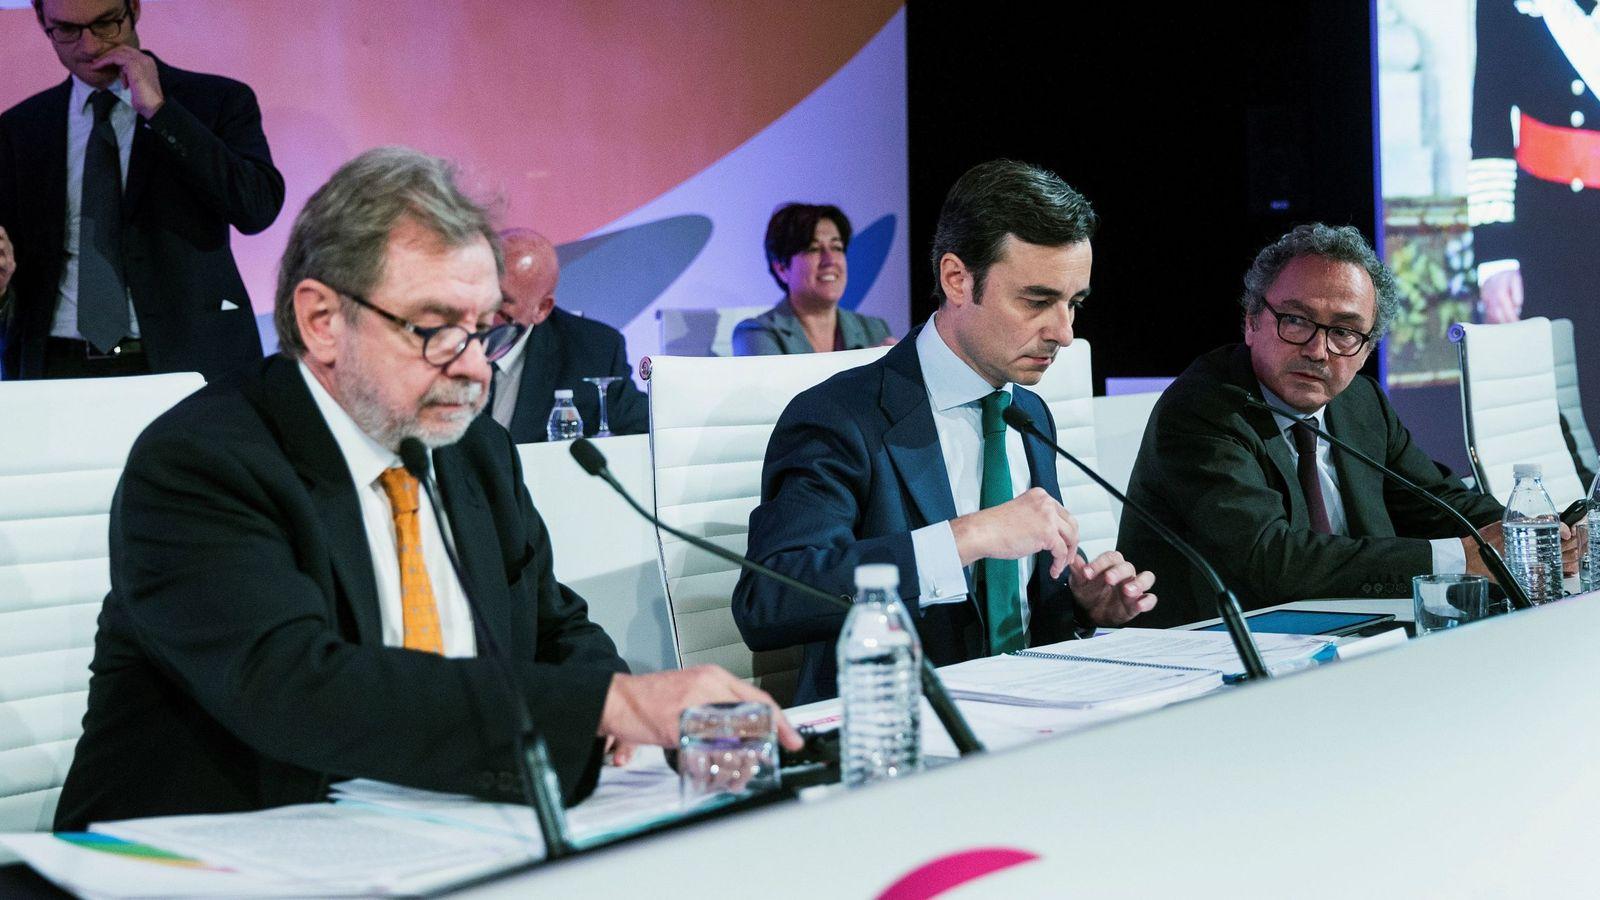 Foto: Junta general extraordinaria de accionistas de Prisa. (EFE)